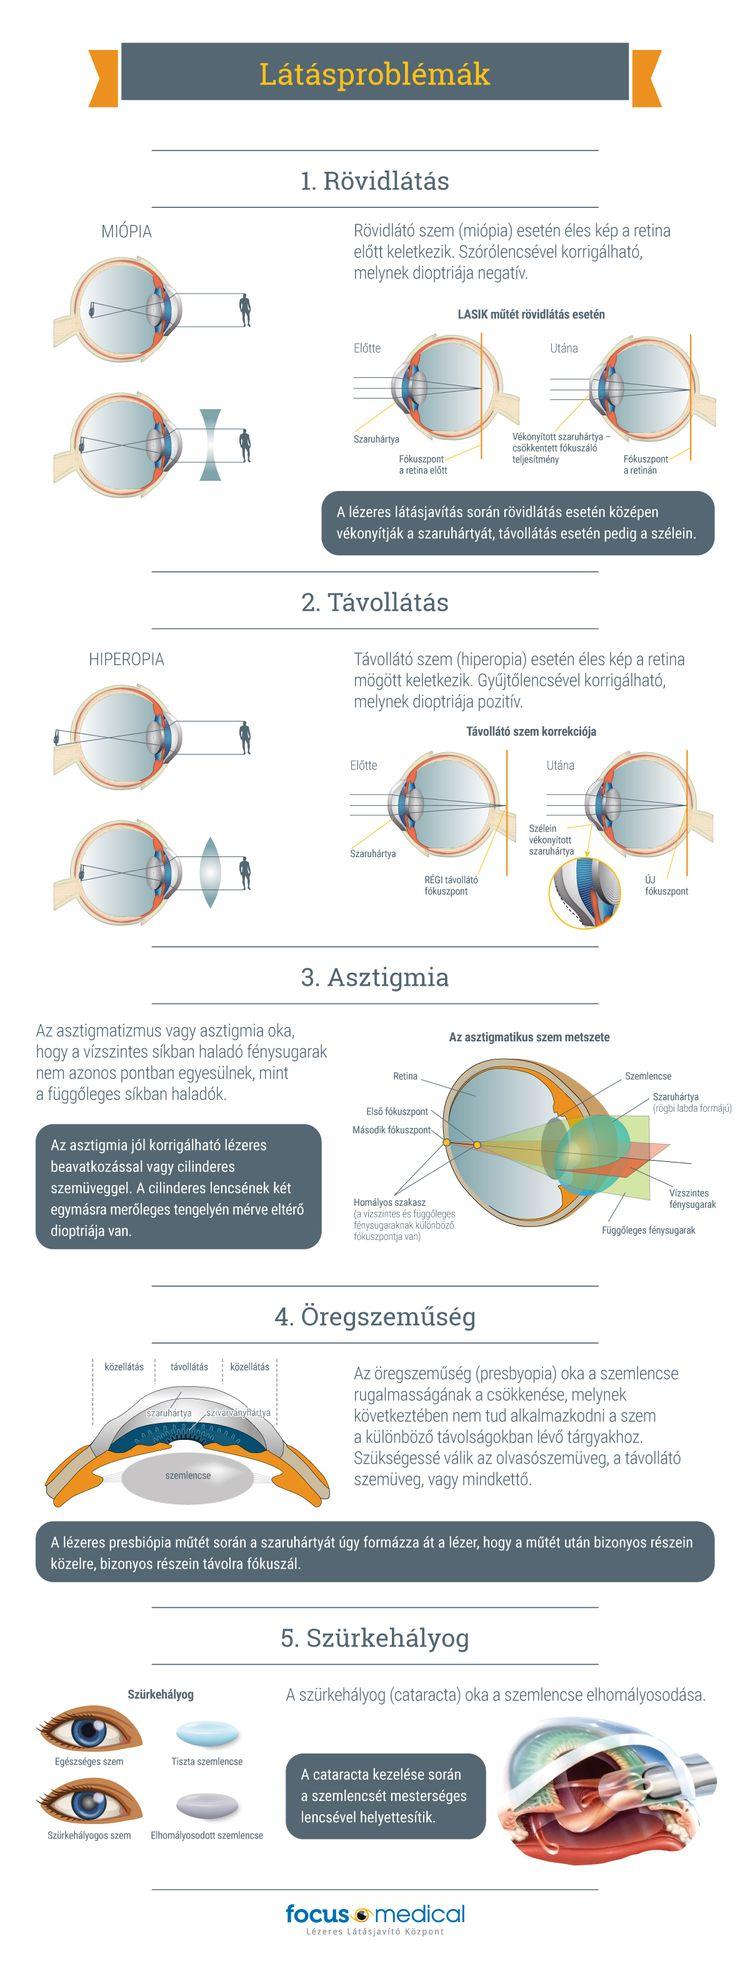 Mik a hyperopia és a myopia tünetei? műtét a látás helyreállítása érdekében